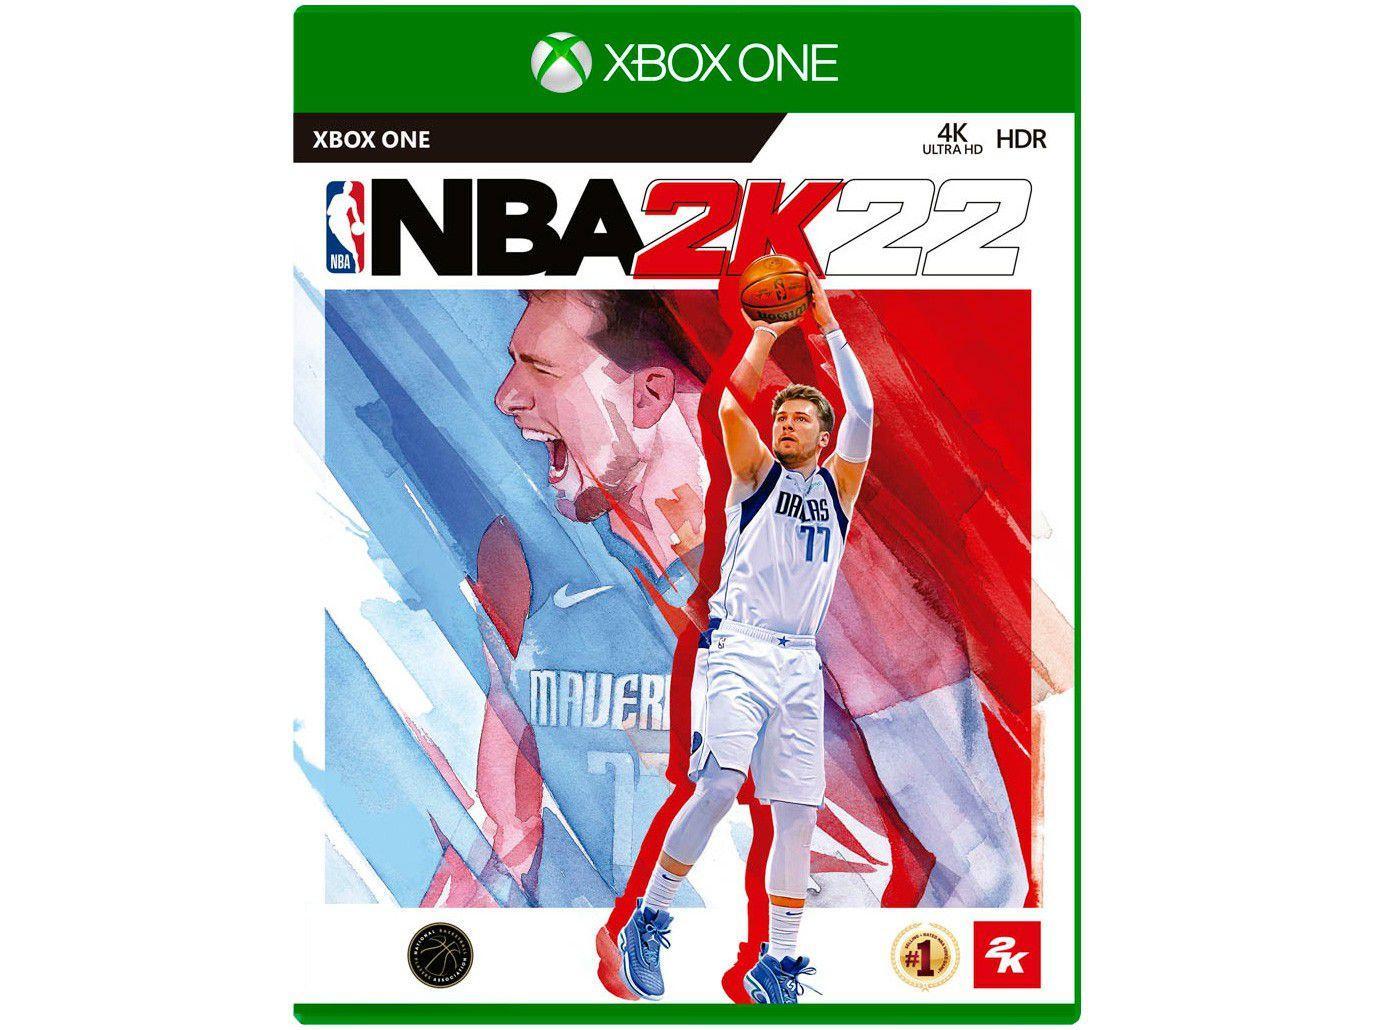 NBA 2K22 para Xbox One Take - Two - Lançamento